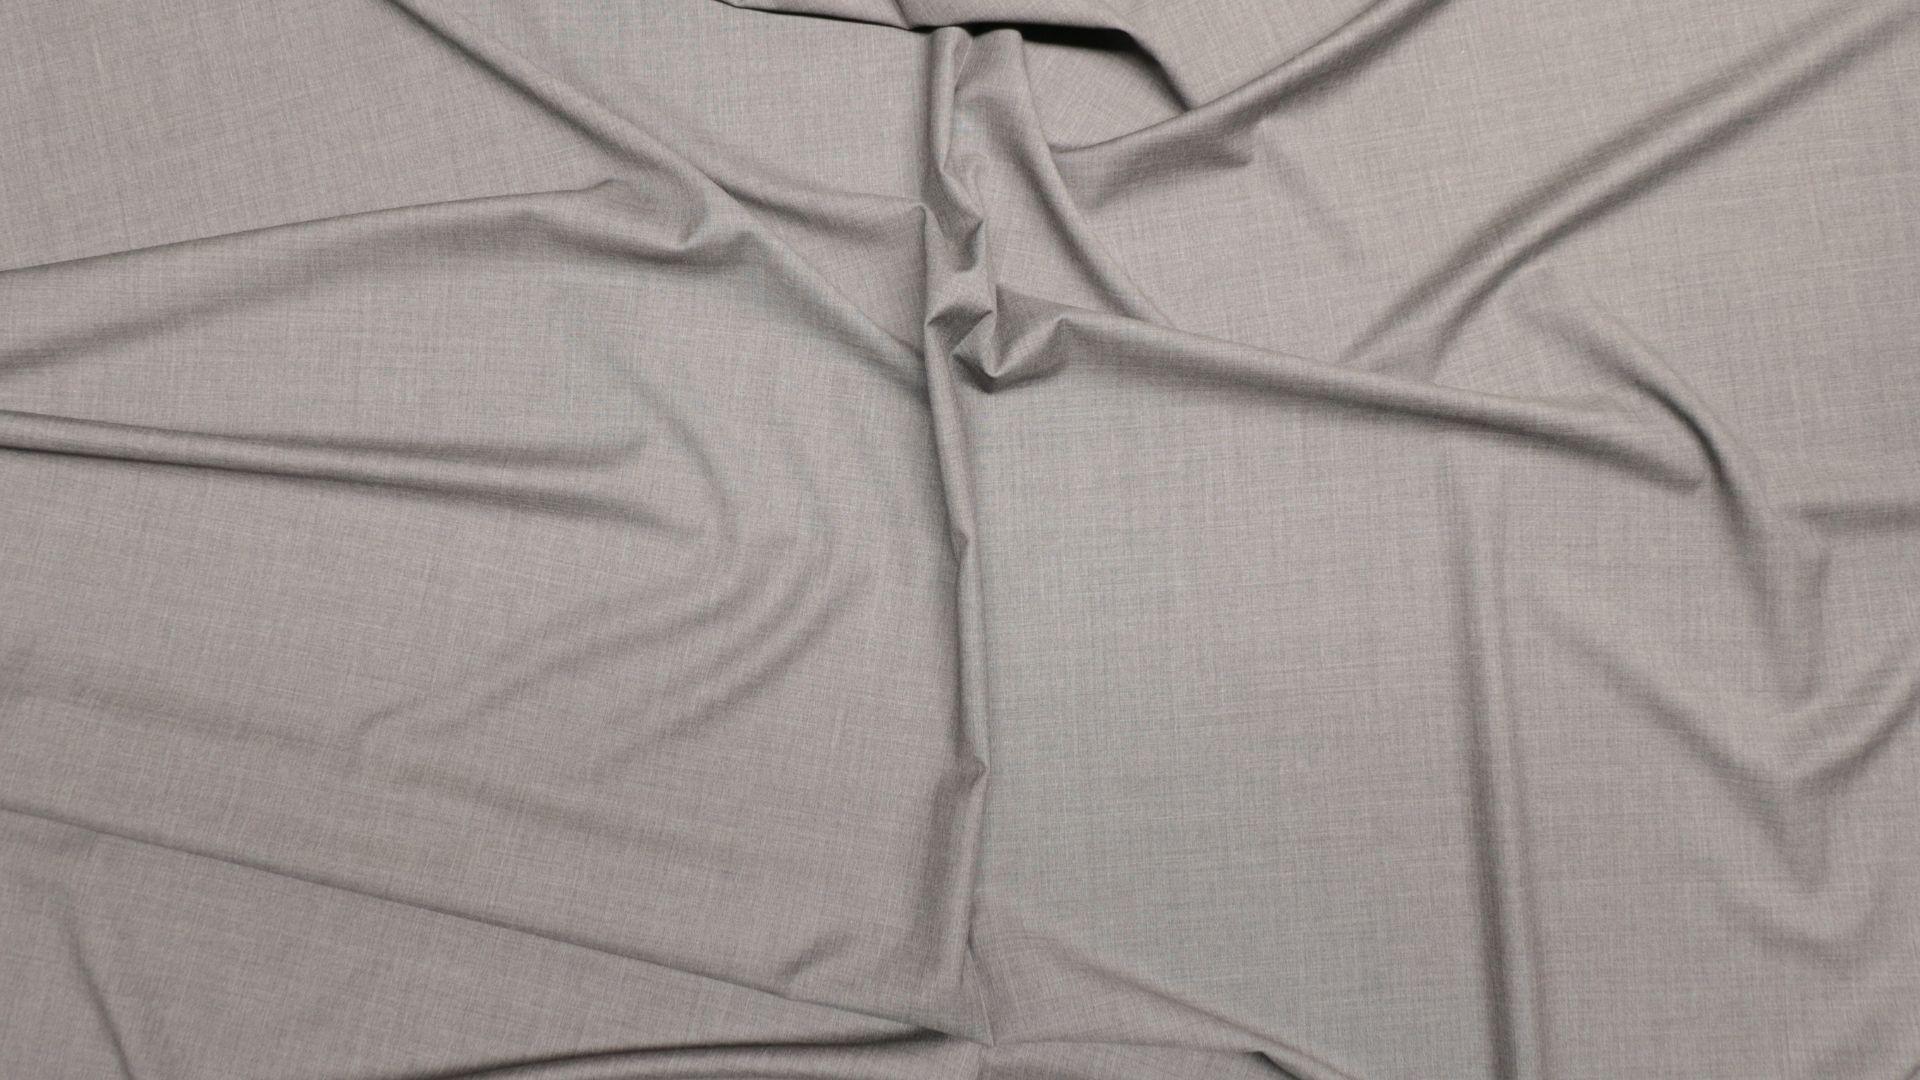 il particolare del tessuto telalanerossimarzotto9102, appartenente alla categoria uniti lana, di Leadford & Logan